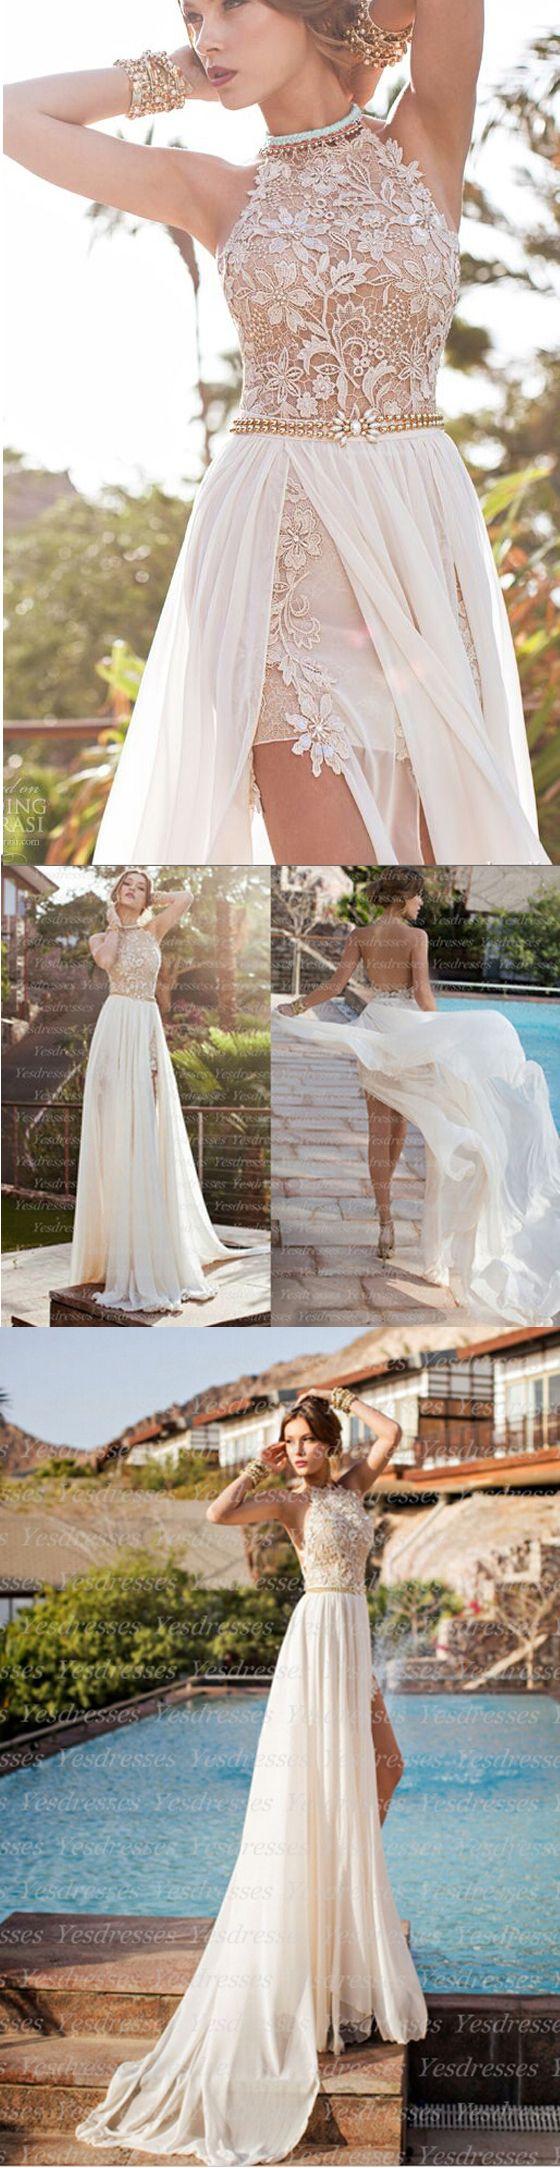 Prom Dress? Das ist das perfekte Hochzeitskleid! <3 | Stylefeed